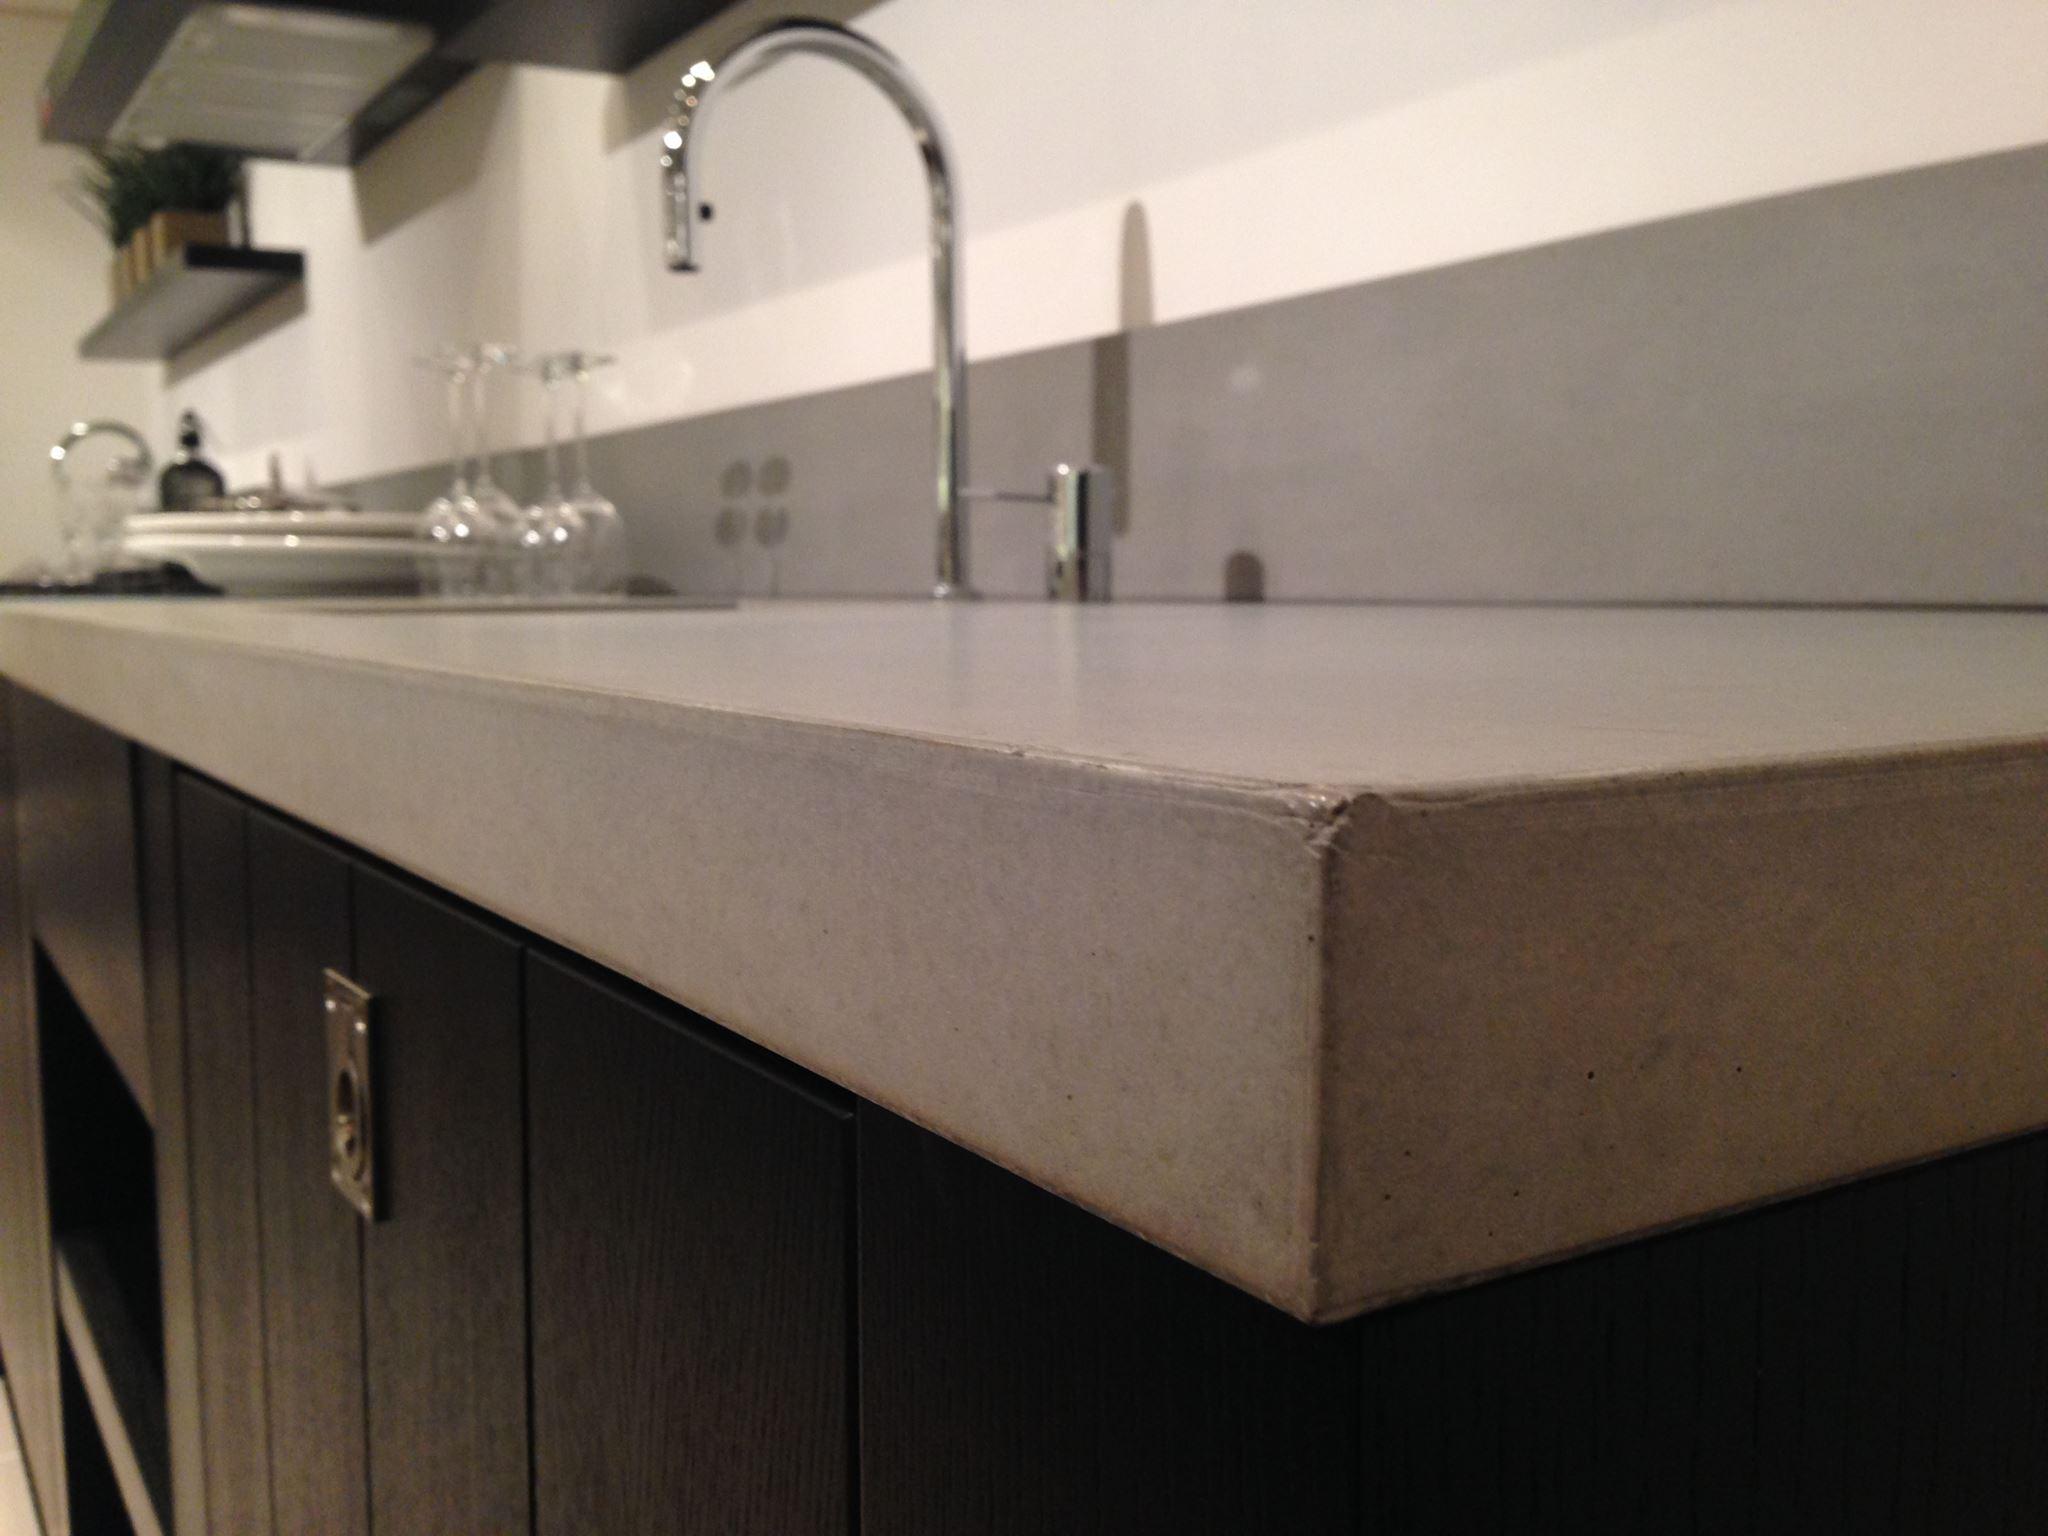 Beton In Keuken : Beton keukencentrum axi